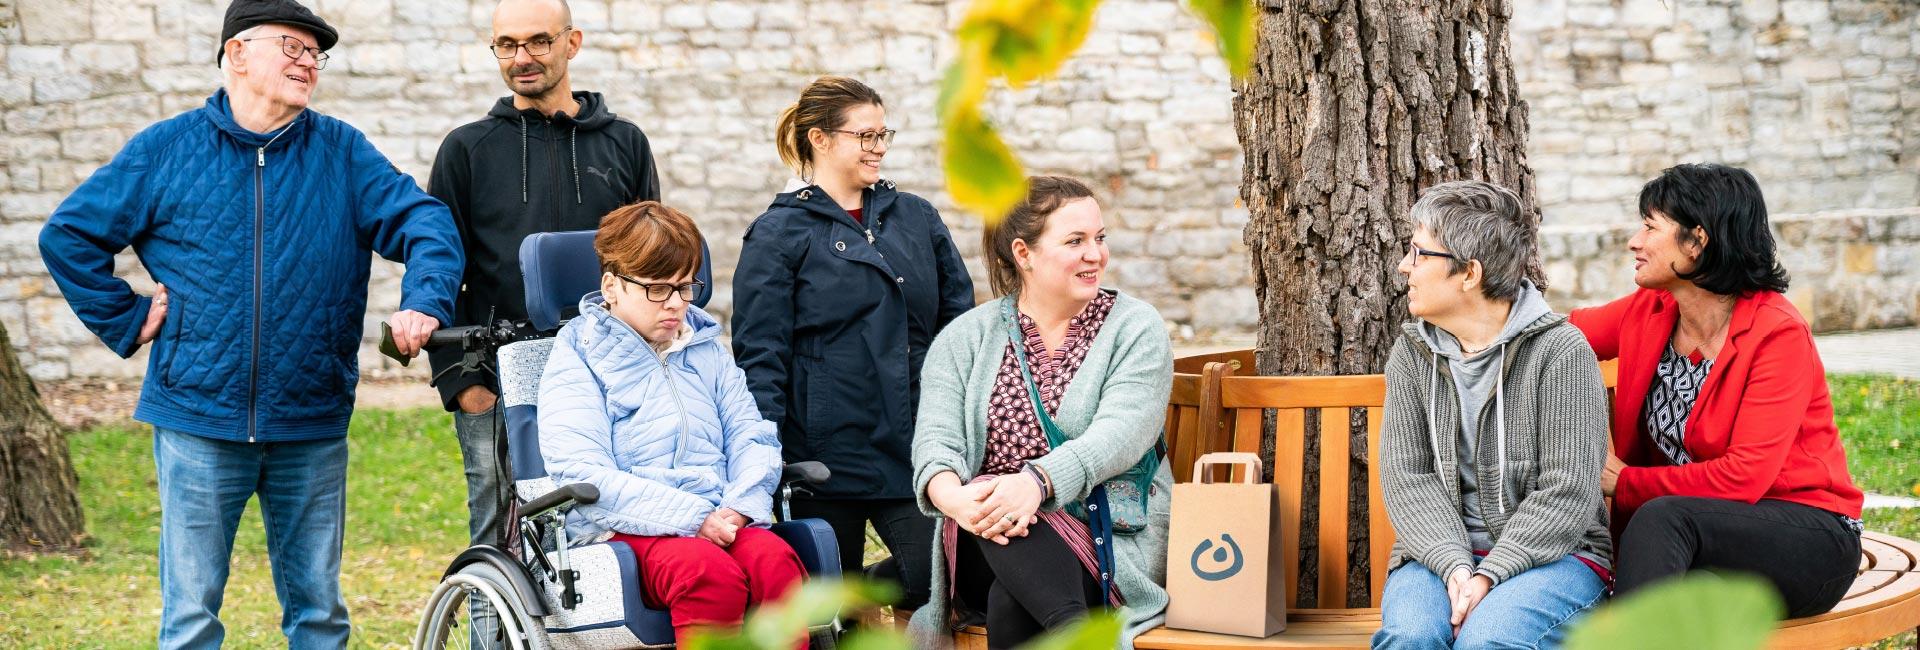 Erwachsene Menschen mit und ohne Behinderungen stehen und sitzen unter einem großen Baum. Die Sonne scheint. Die Menschen lächeln einander zu und genießen gemeinsam die Freizeit. Eine Frau sitzt in einem Rollstuhl. Zwei Mitarbeiter:innen der Lebenshilfe begleiten die Gruppe.